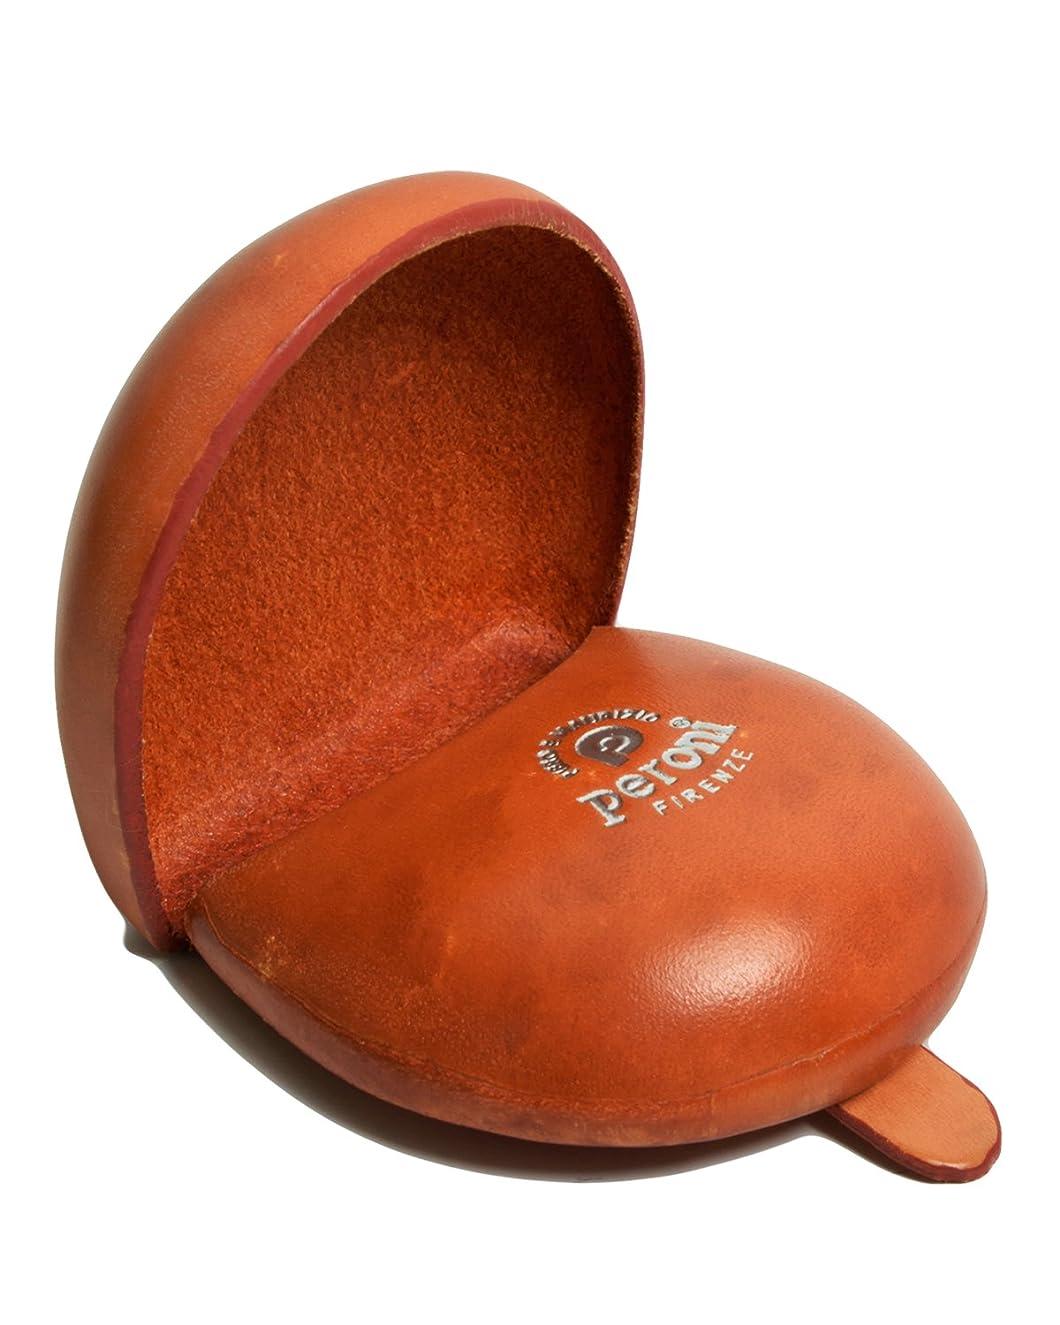 喉が渇いたスカウト権限を与えるPERONI ペローニ コインケース 小銭入れ ハンドメイドArt594 シルバーロゴ silver logo BRIAR ORANGE ブライヤー オレンジ